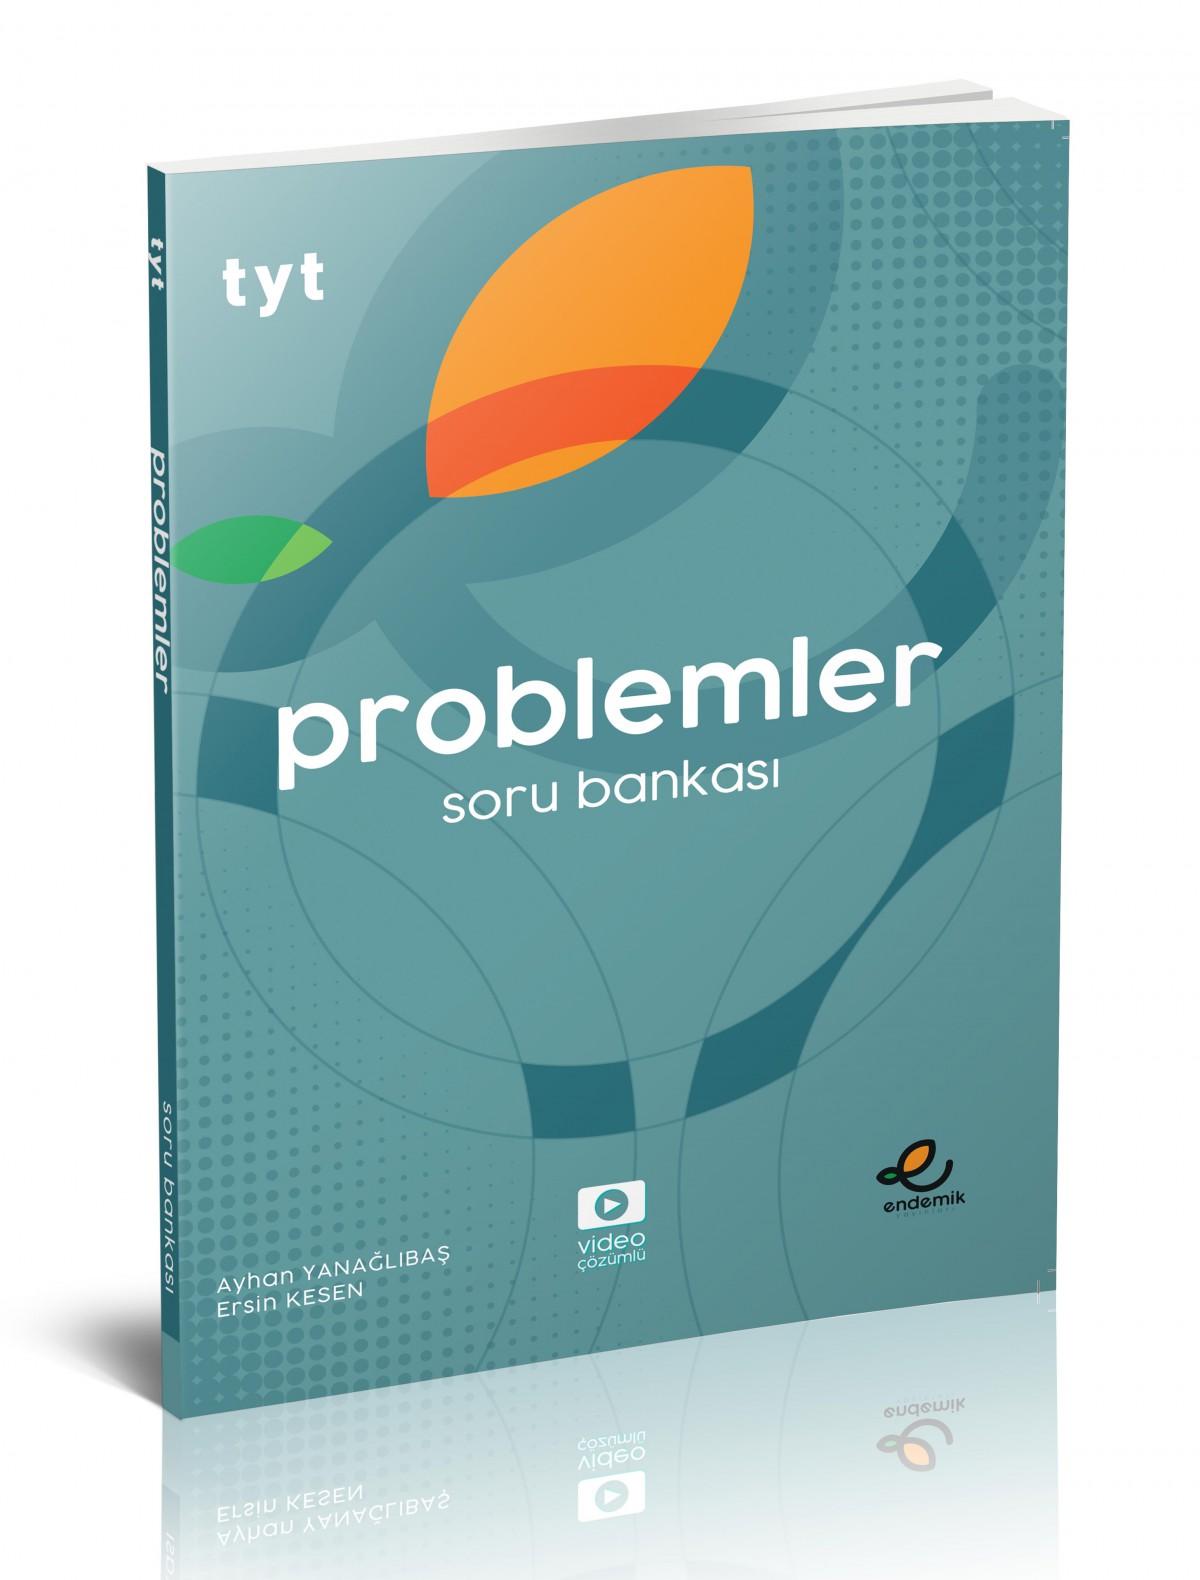 TYT Yeni Tarz Problemler Soru Bankası - Endemik